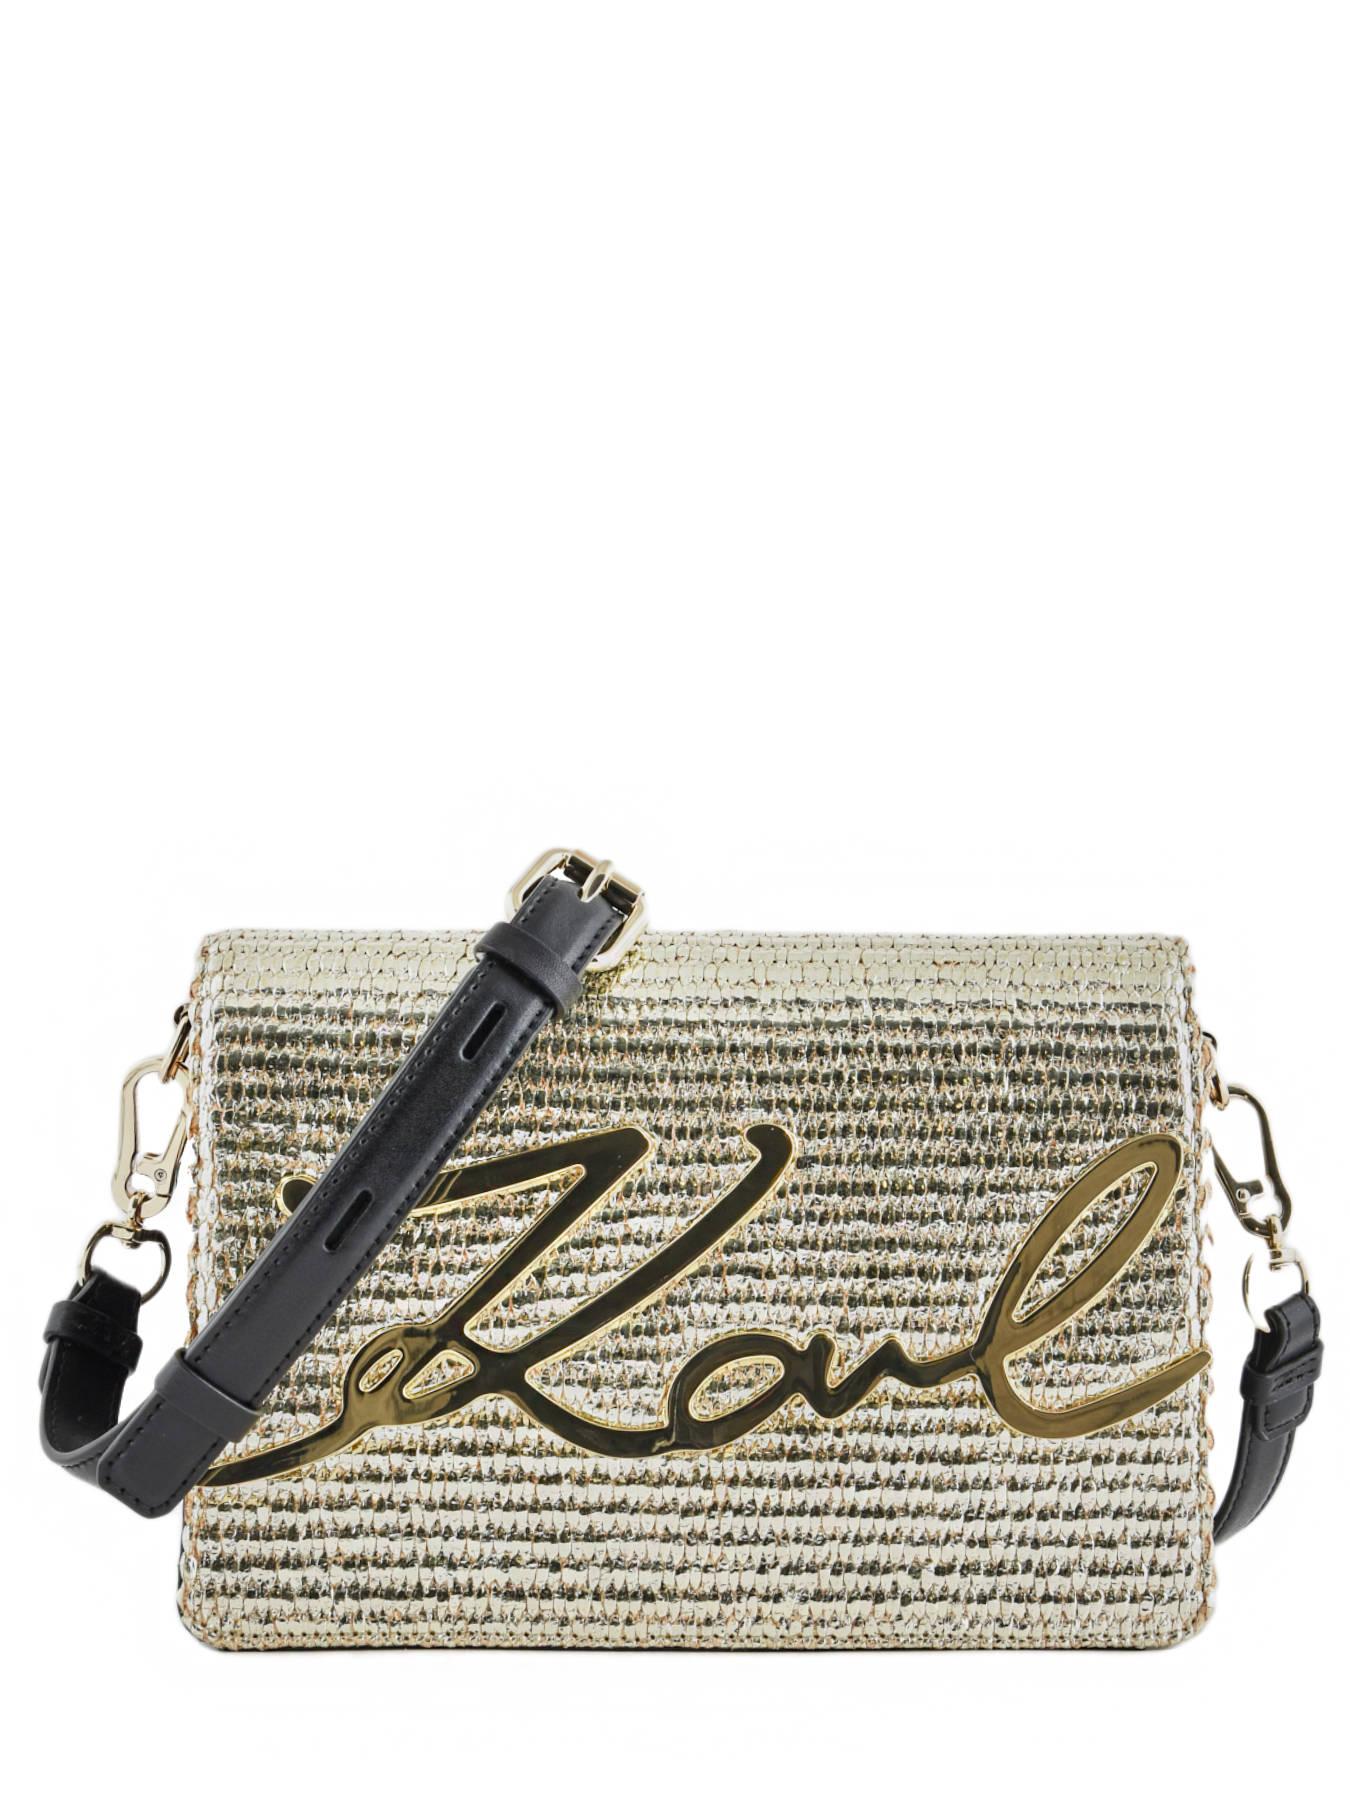 ... Shoulder Bag Signature Raffia Karl lagerfeld Gold signature raffia  91KW3068 ... 520d68d5589ea